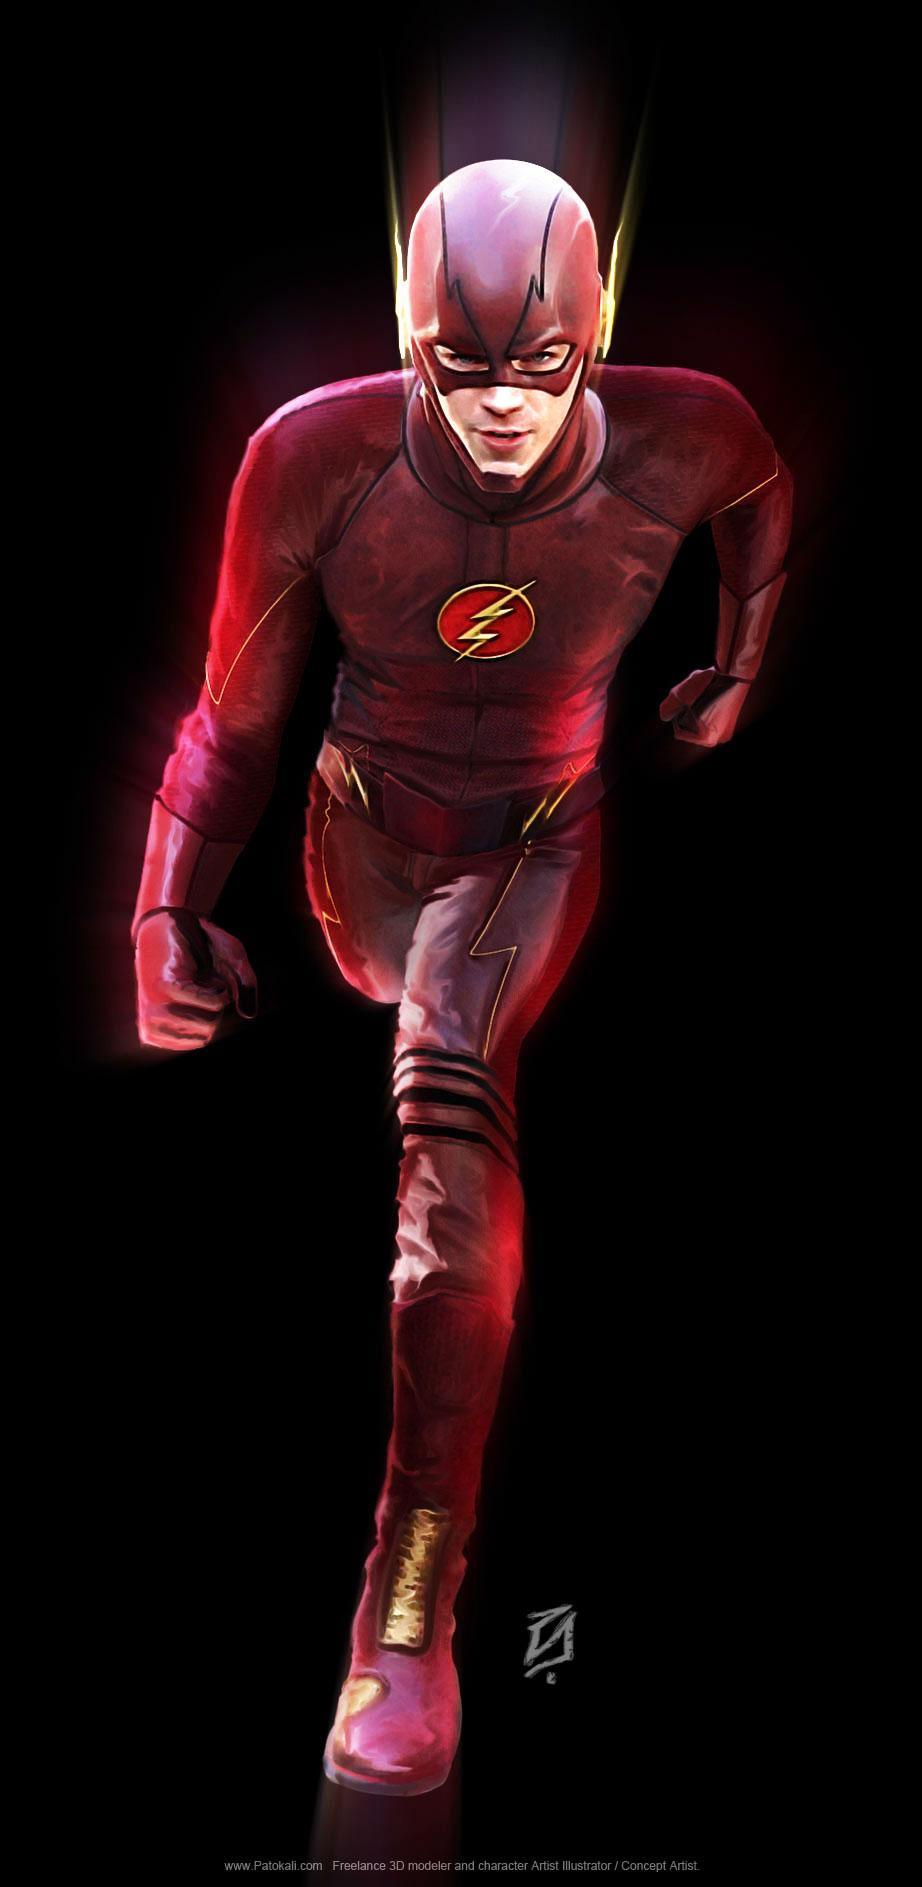 ... será el Capitán Cold en la serie de 'The Flash' | SALONDELMAL